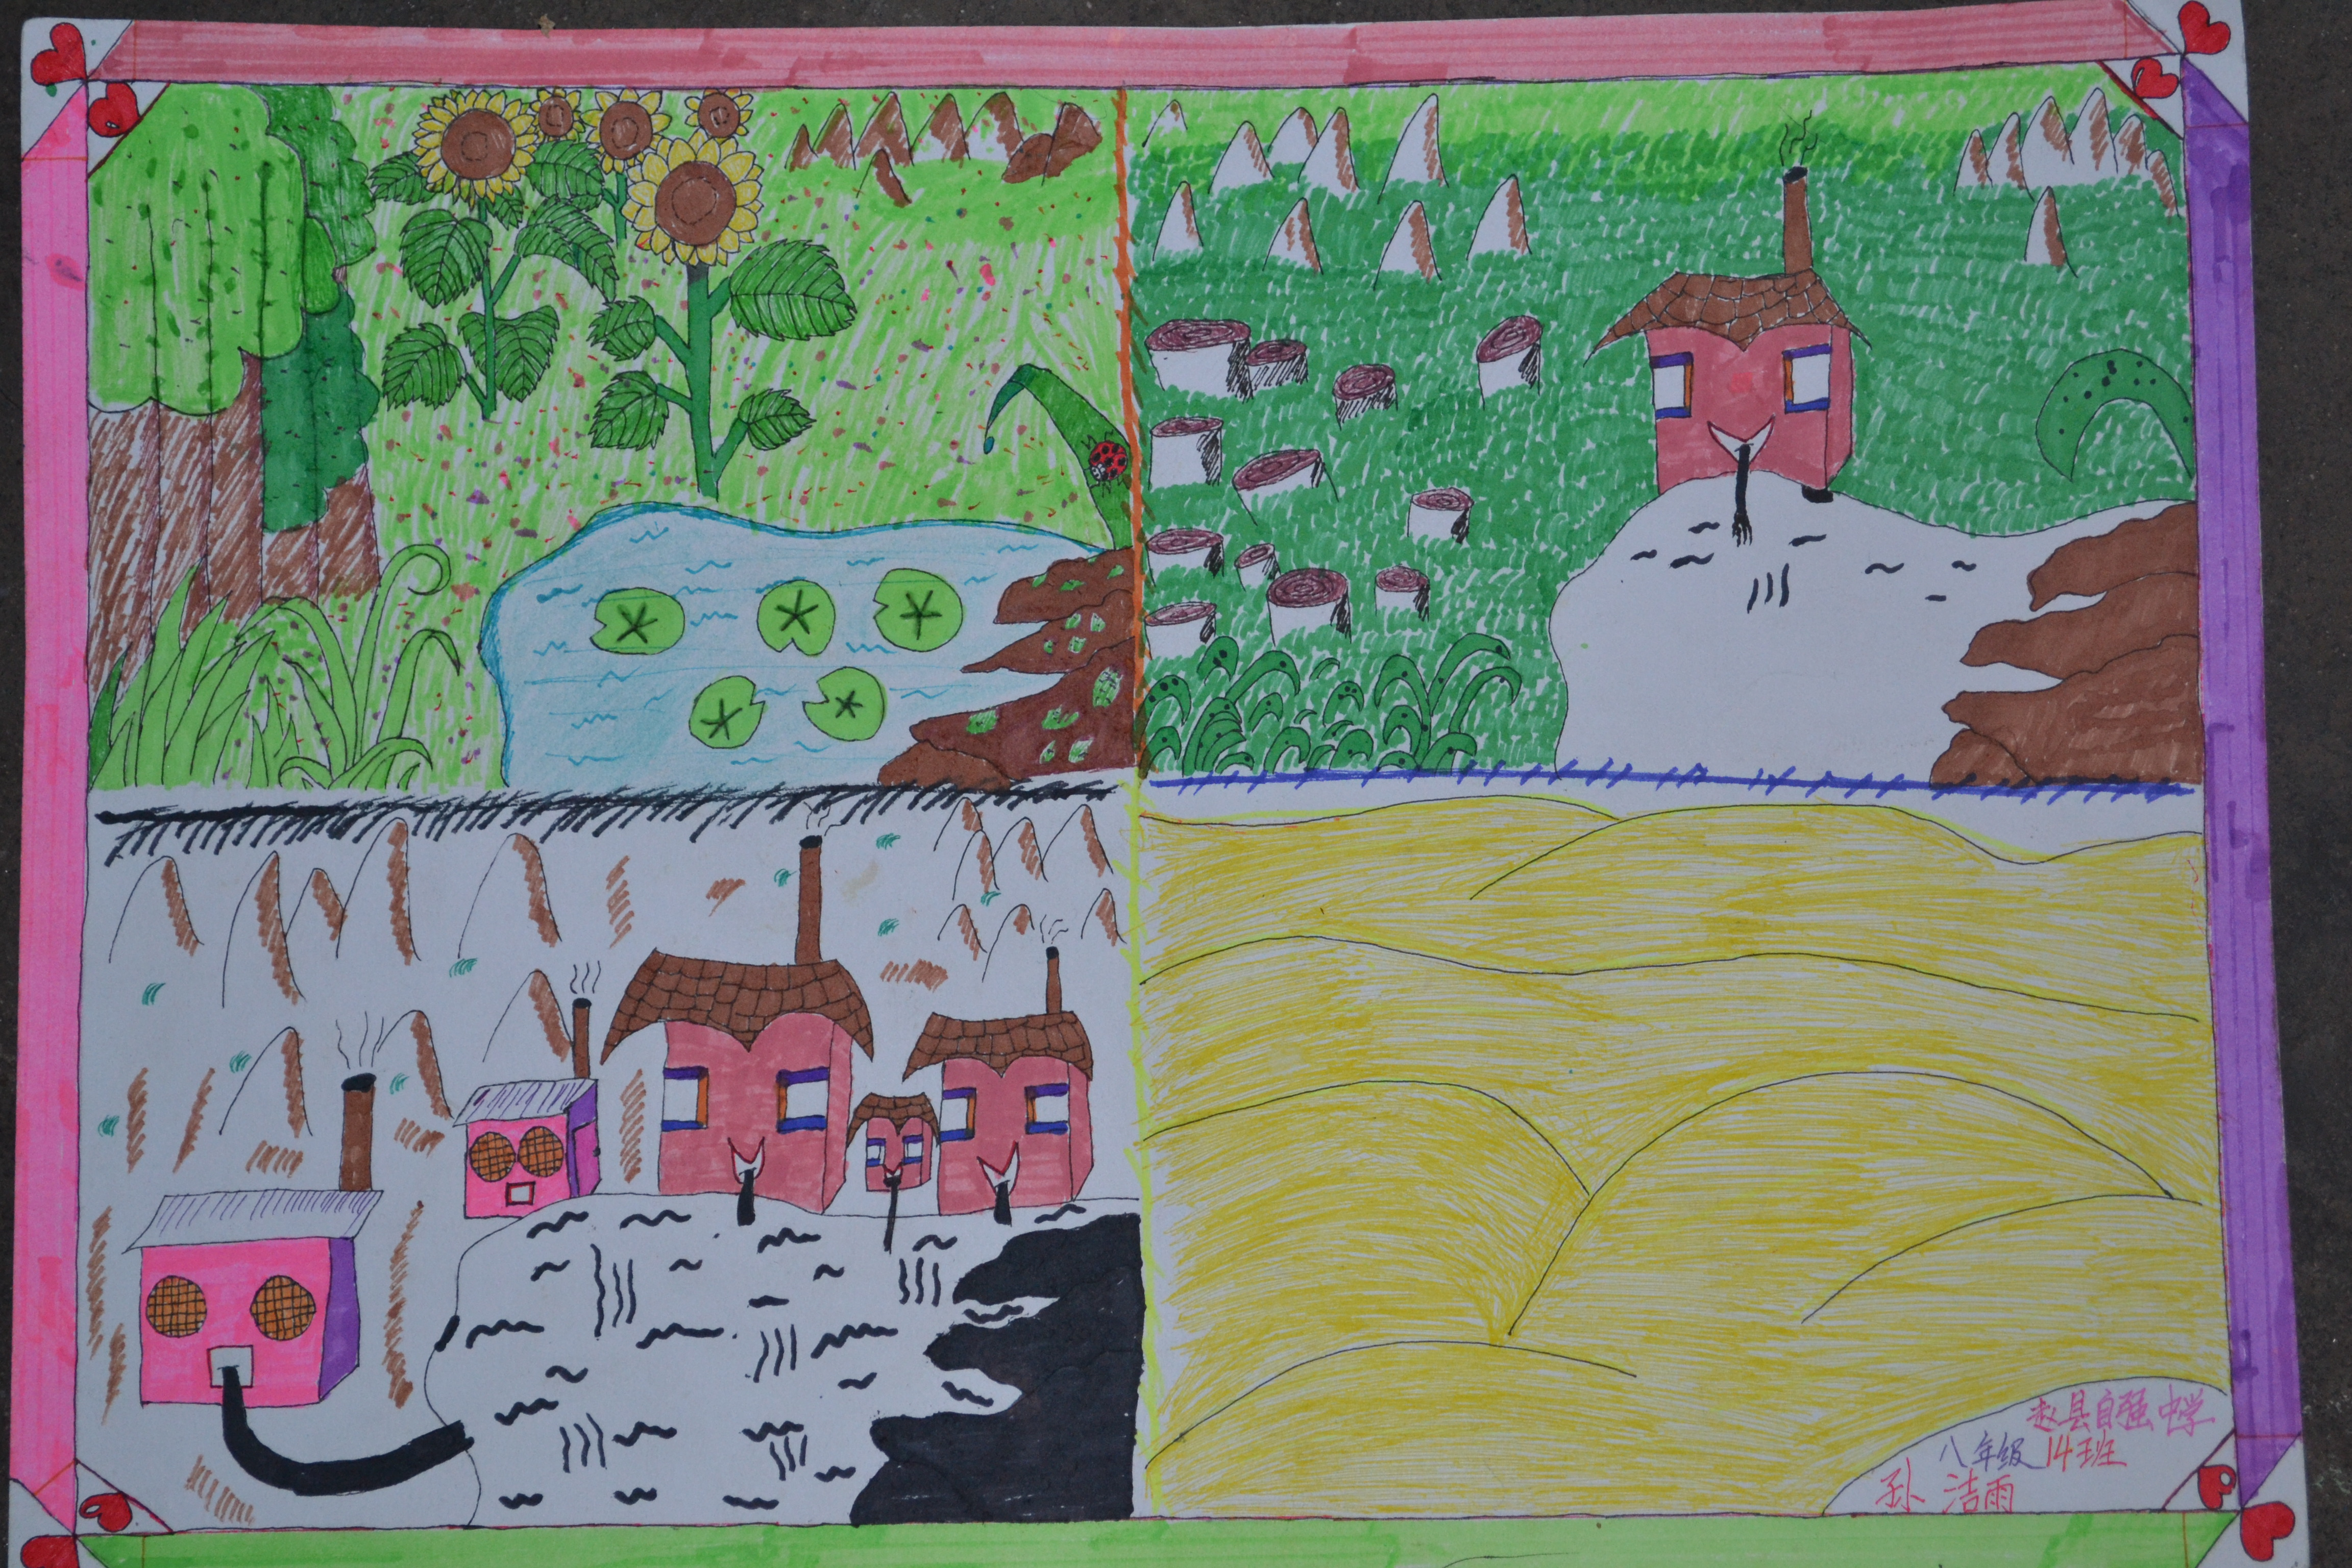 《保护环境爱我家园》活动课教案图片